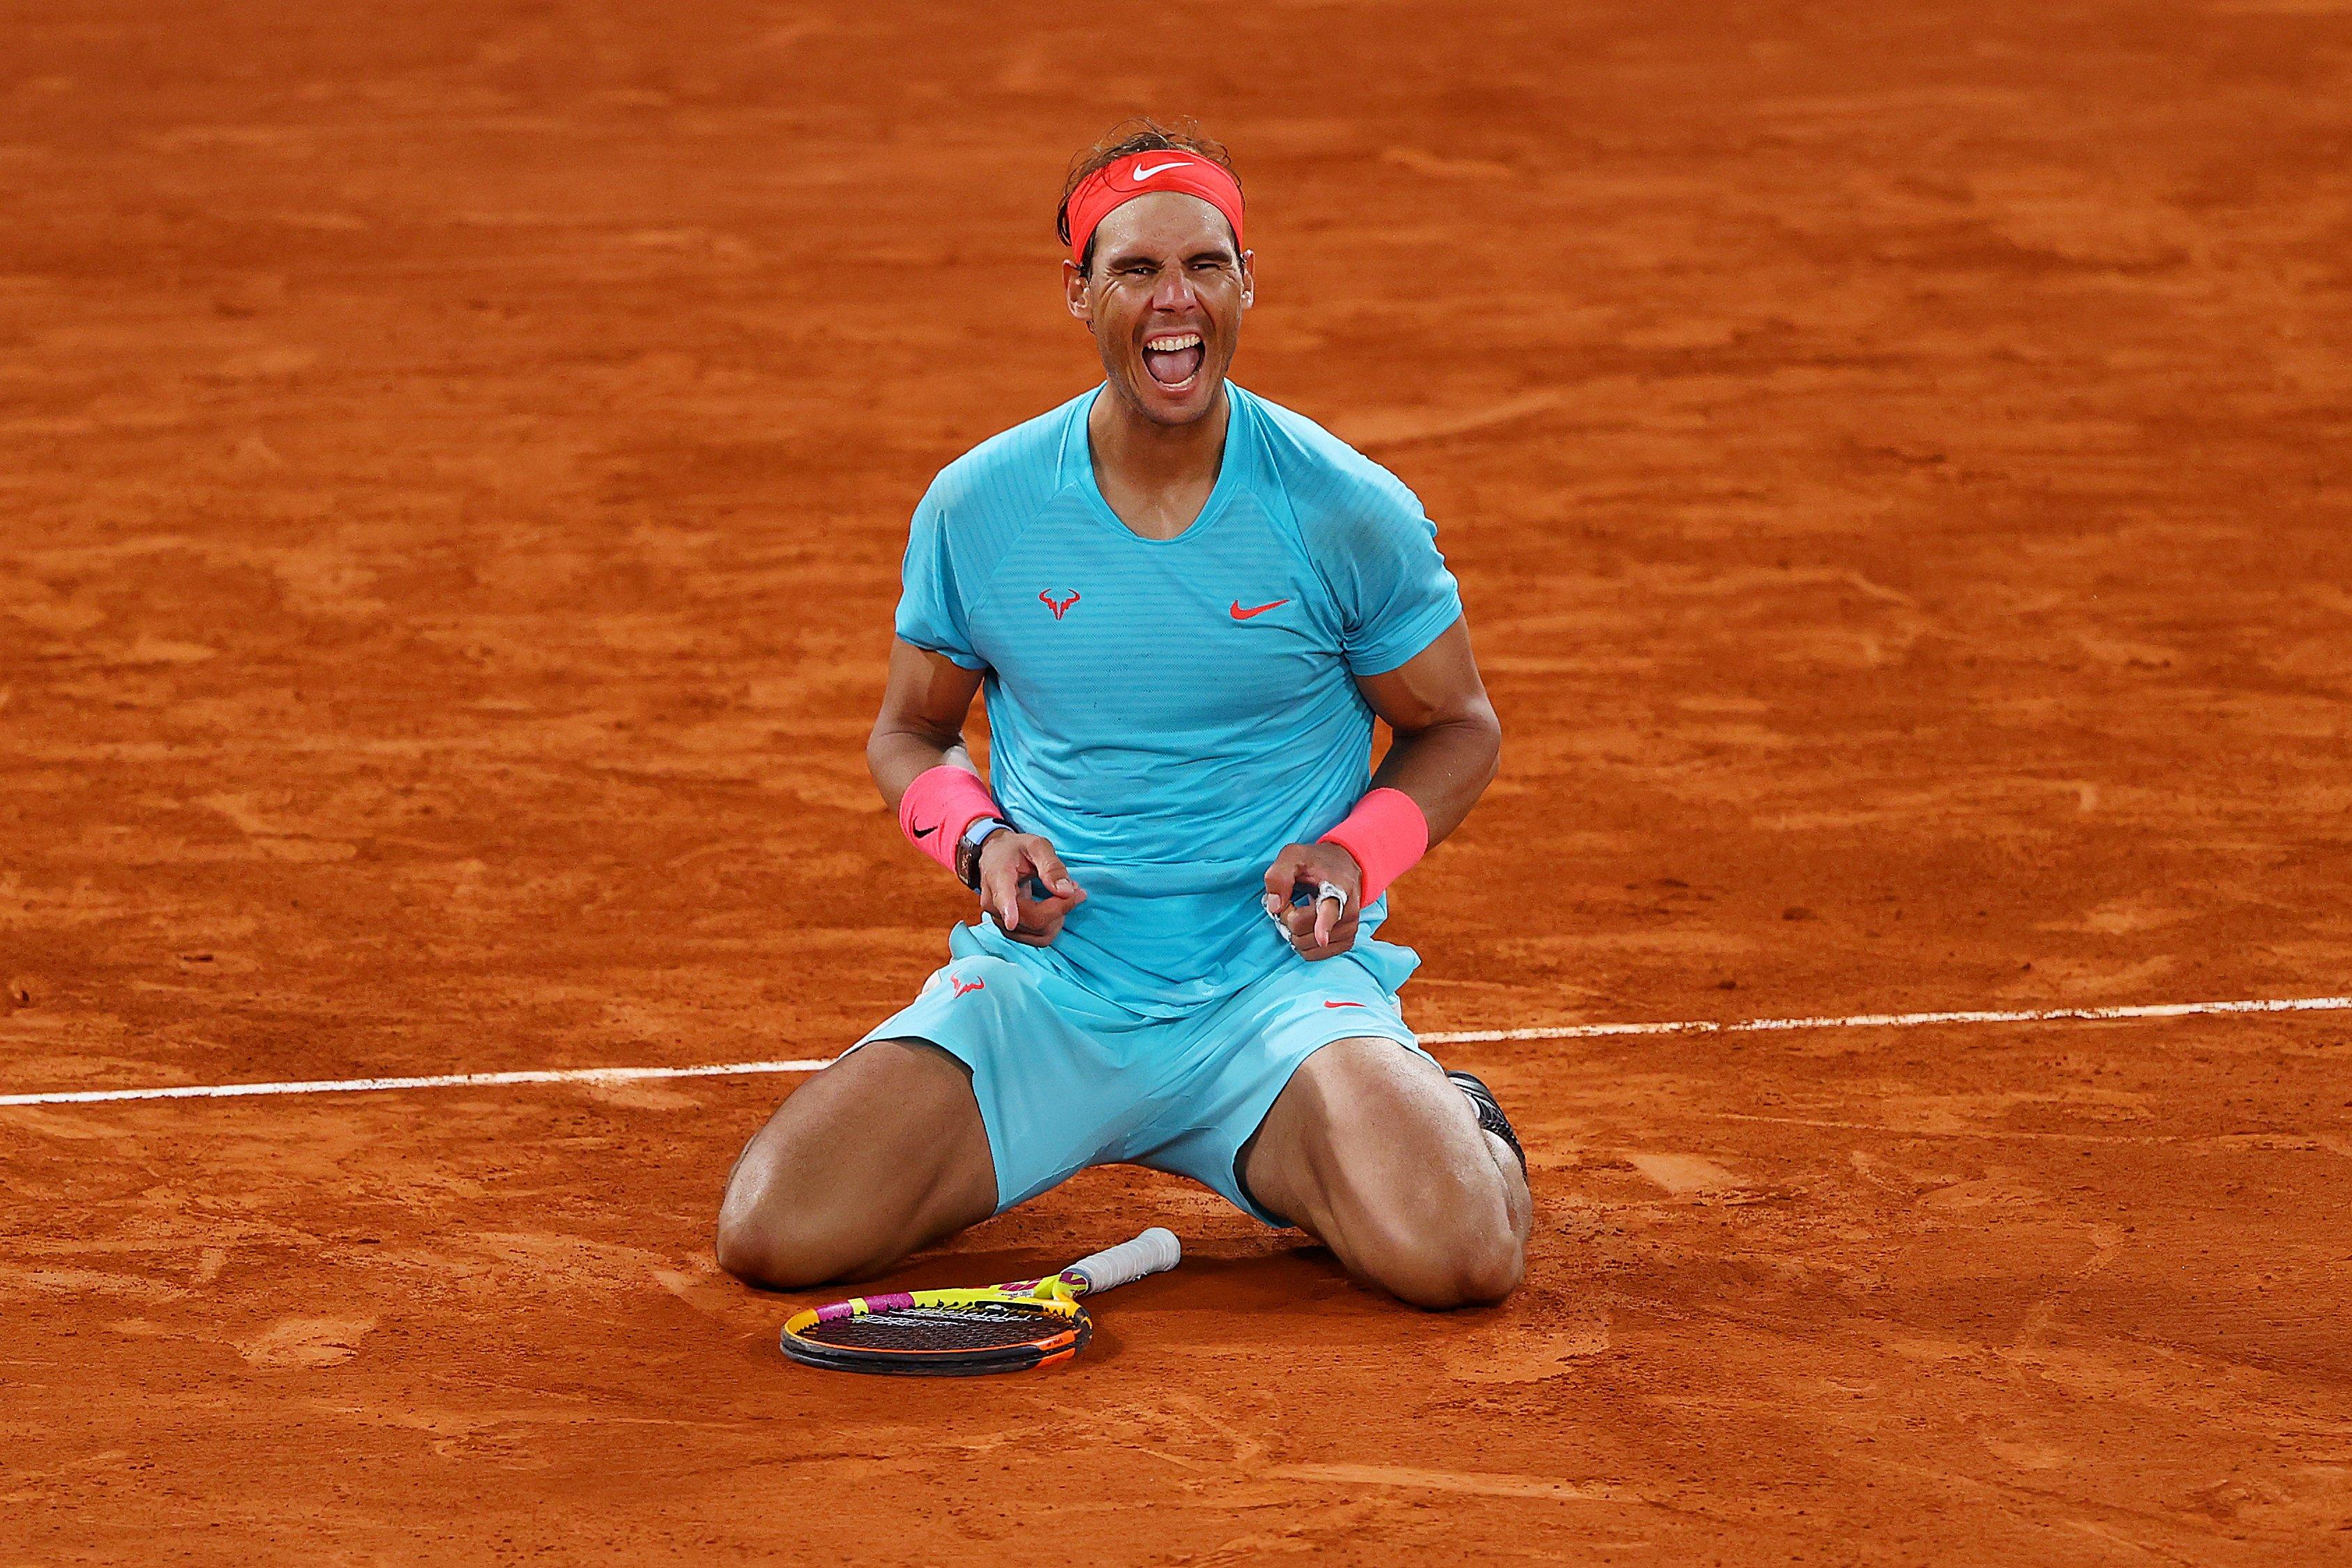 红土之王!皇马官方祝贺荣誉会员纳达尔第13次夺得法网冠军